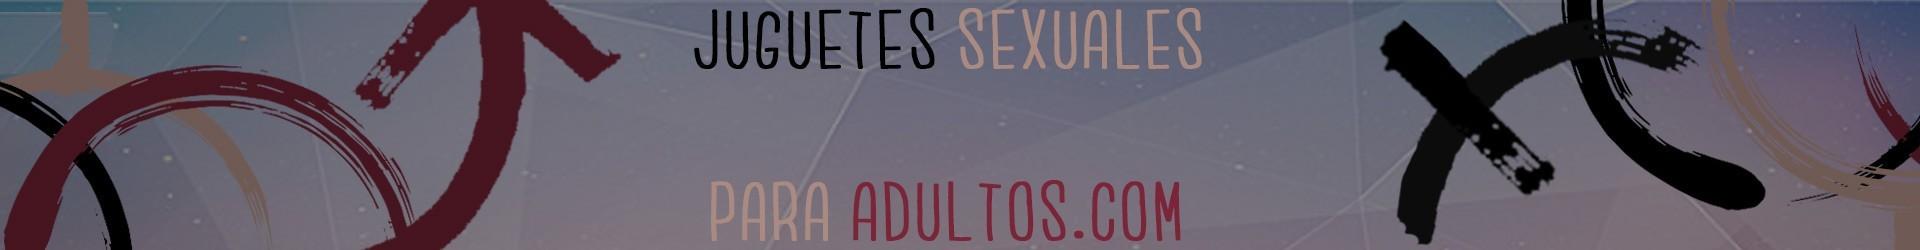 Lubricacion anal - Juguetes Sexuales para Adultos